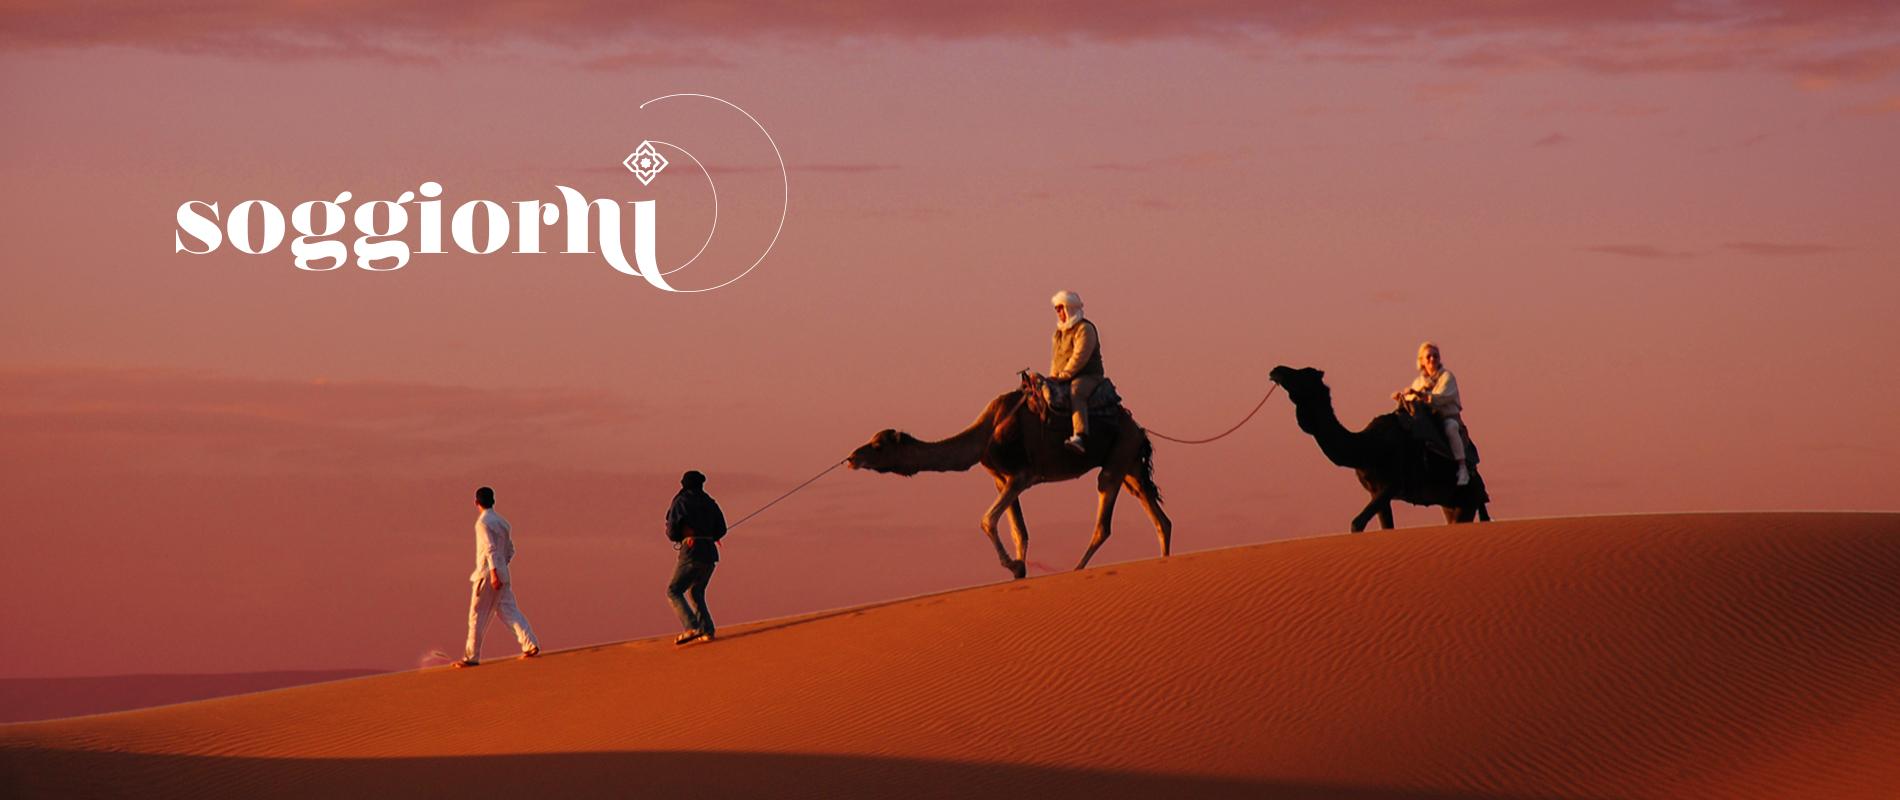 Soggiorno Marrakech & viaggio in Marocco - La conciergerie ...